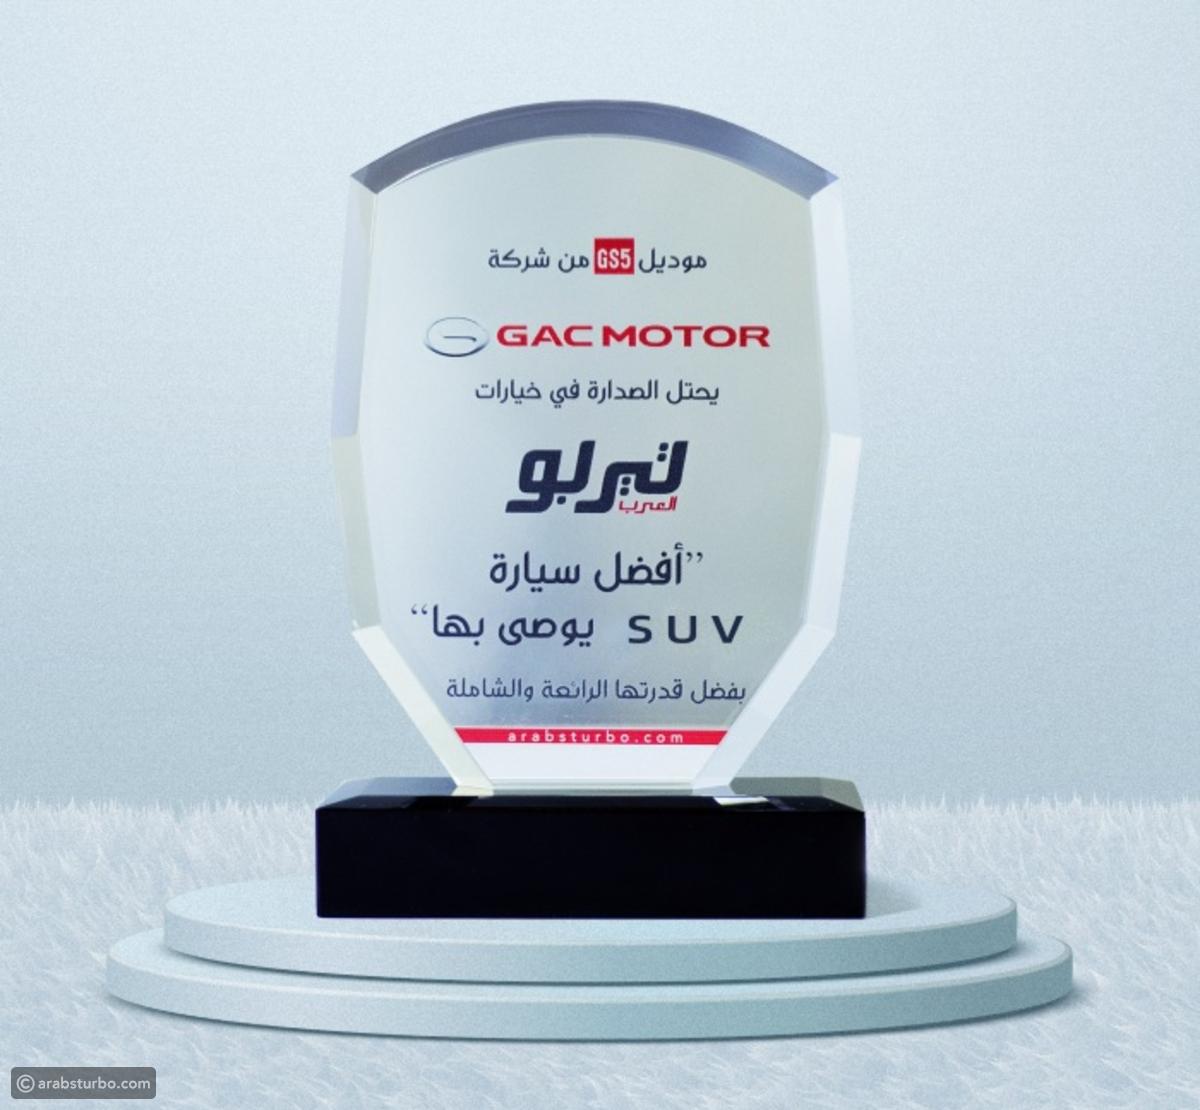 """موديل GS5 من شركة GAC MOTOR يحتل الصدارة في خيارات """"تيربو العرب"""""""